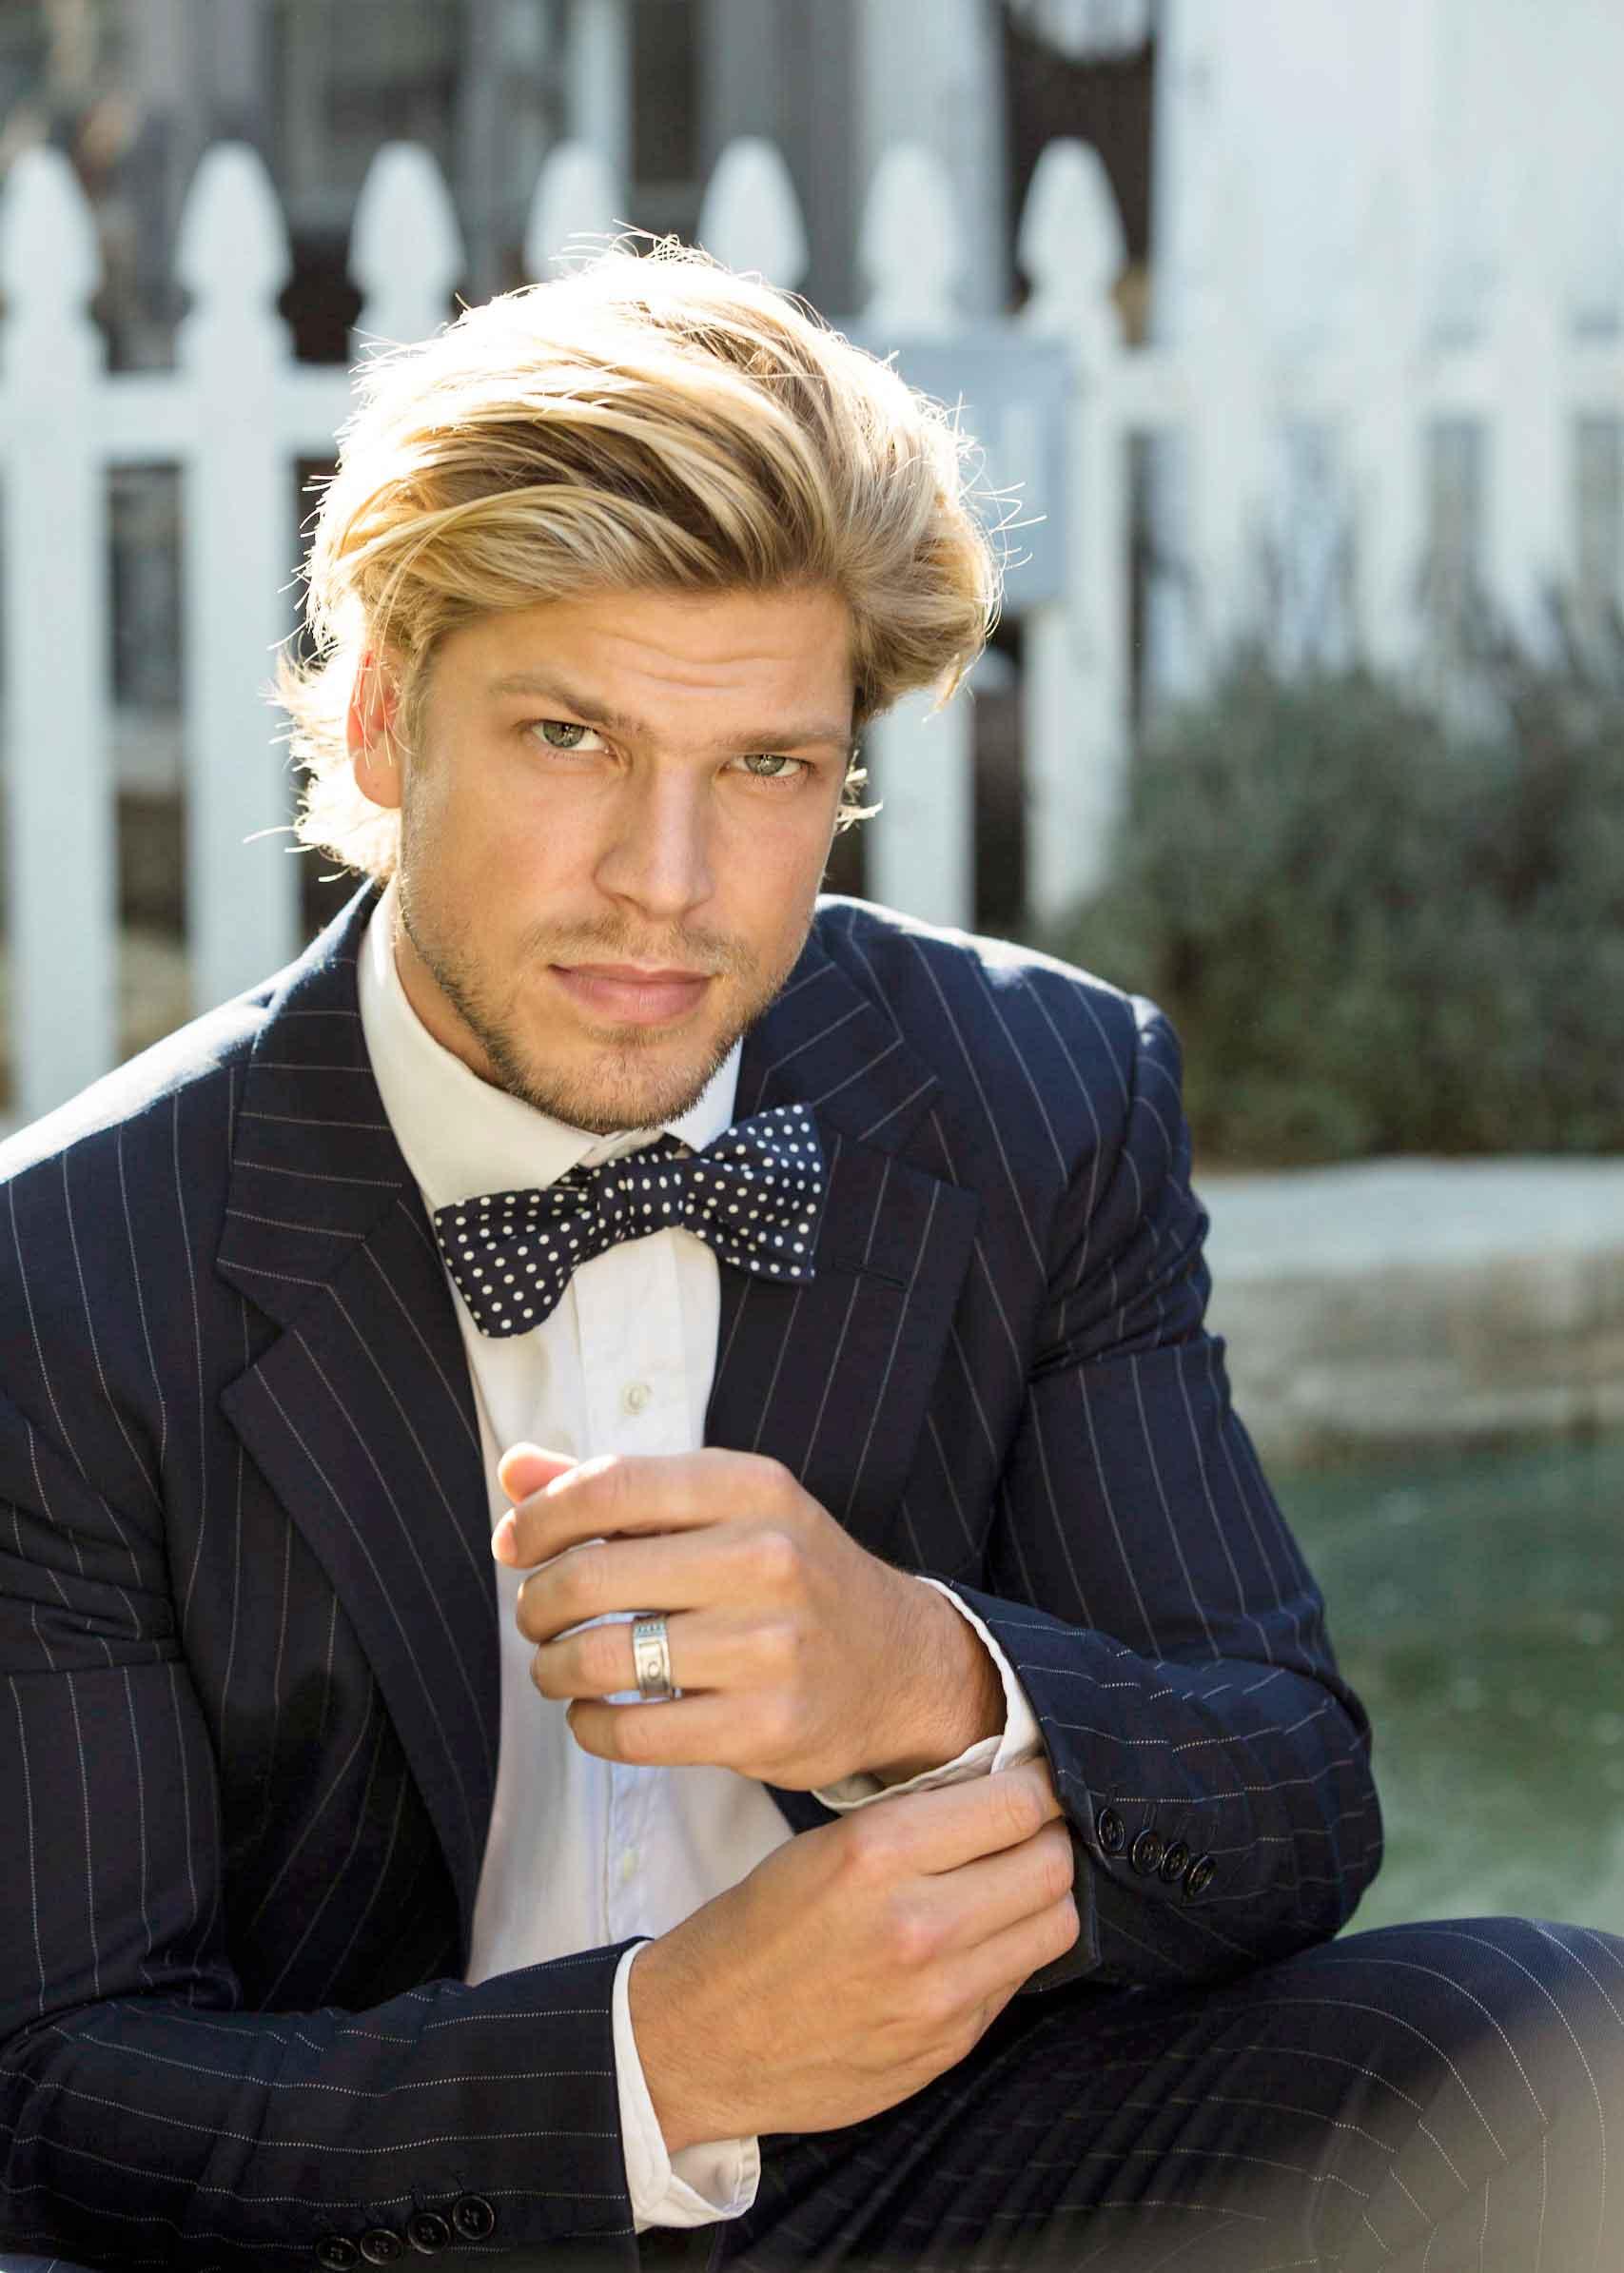 Groom in pin stripe Ralph Lauren suit with bow tie